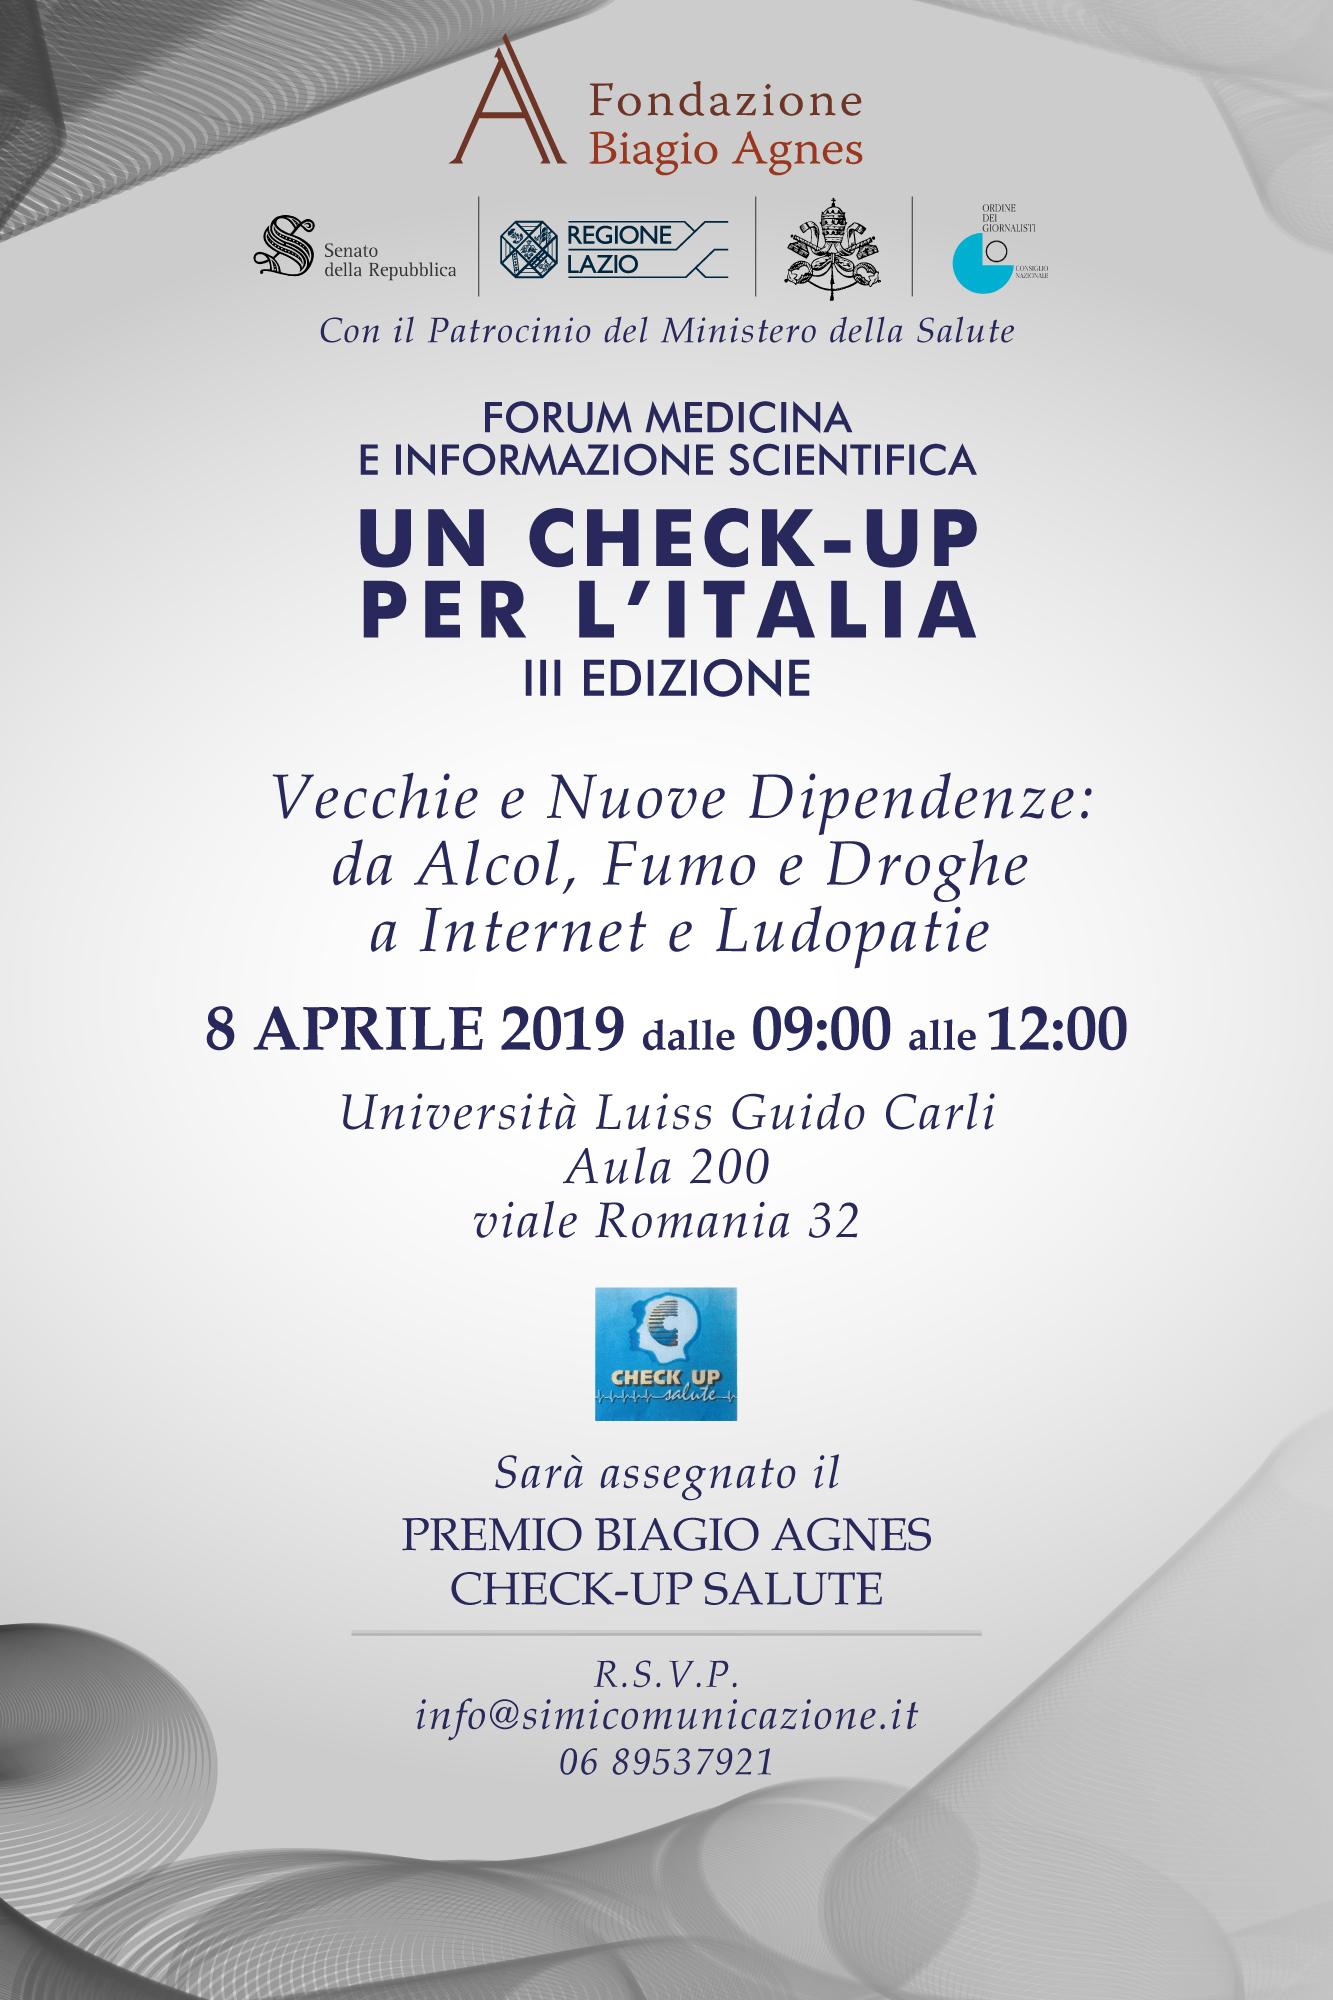 Invito Ufficiale Forum 8 aprile